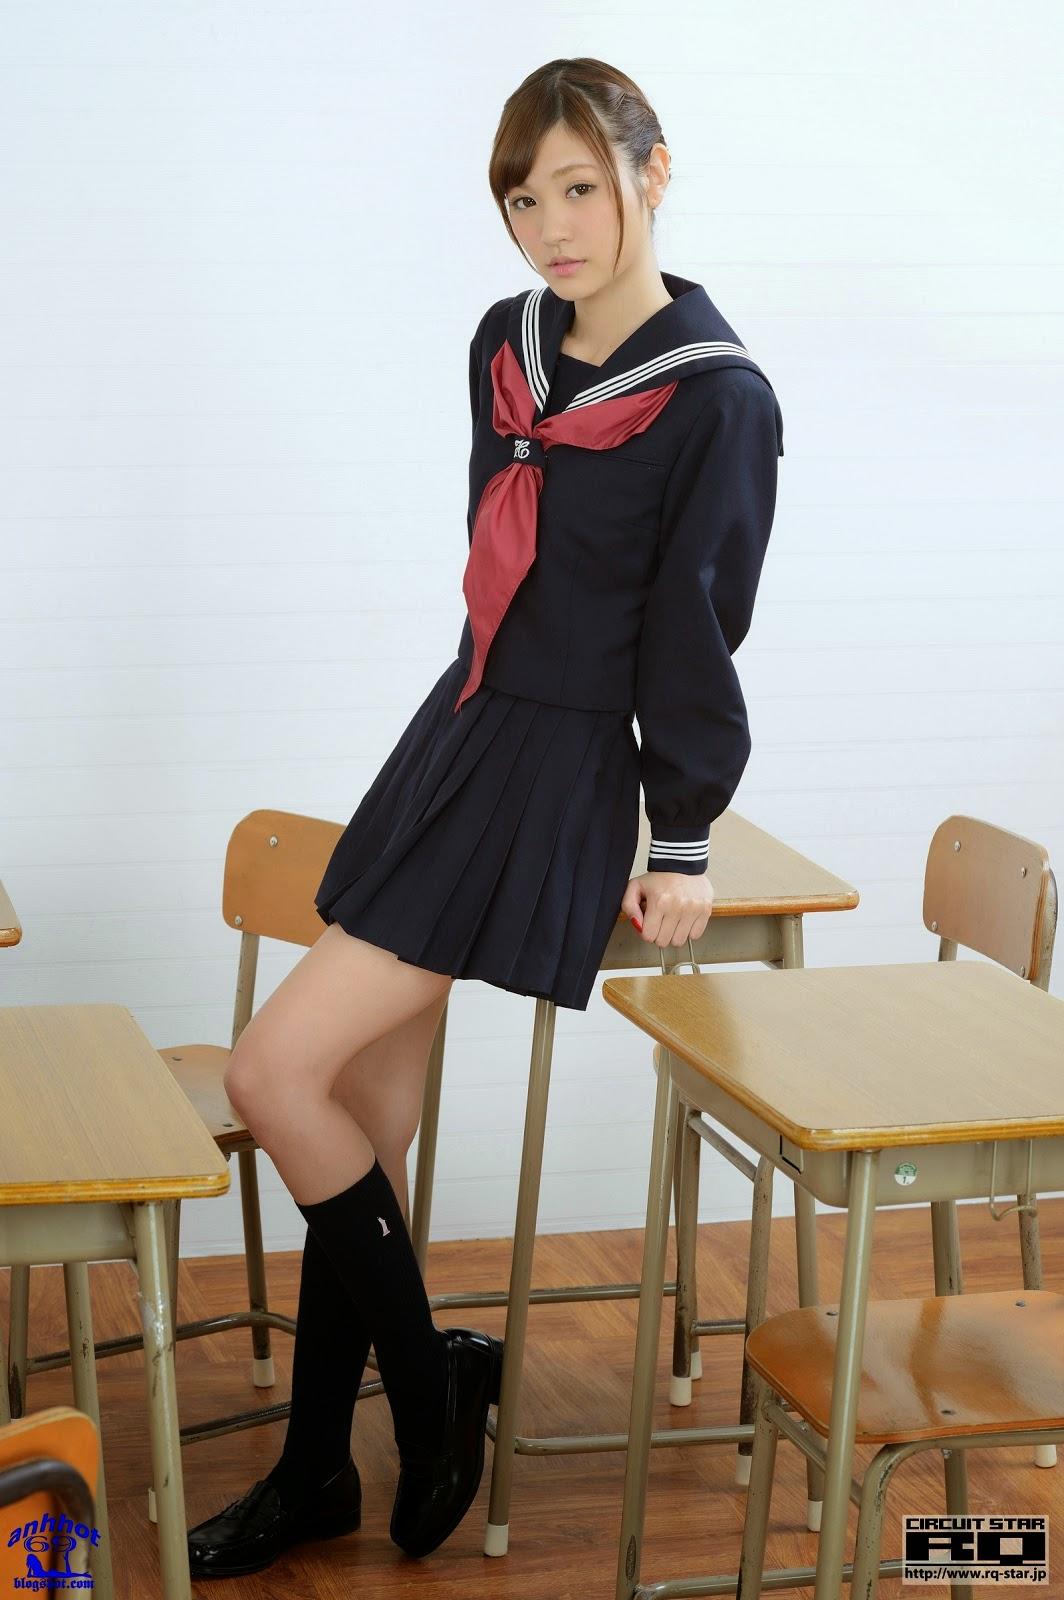 haruka-kanzaki-02420663